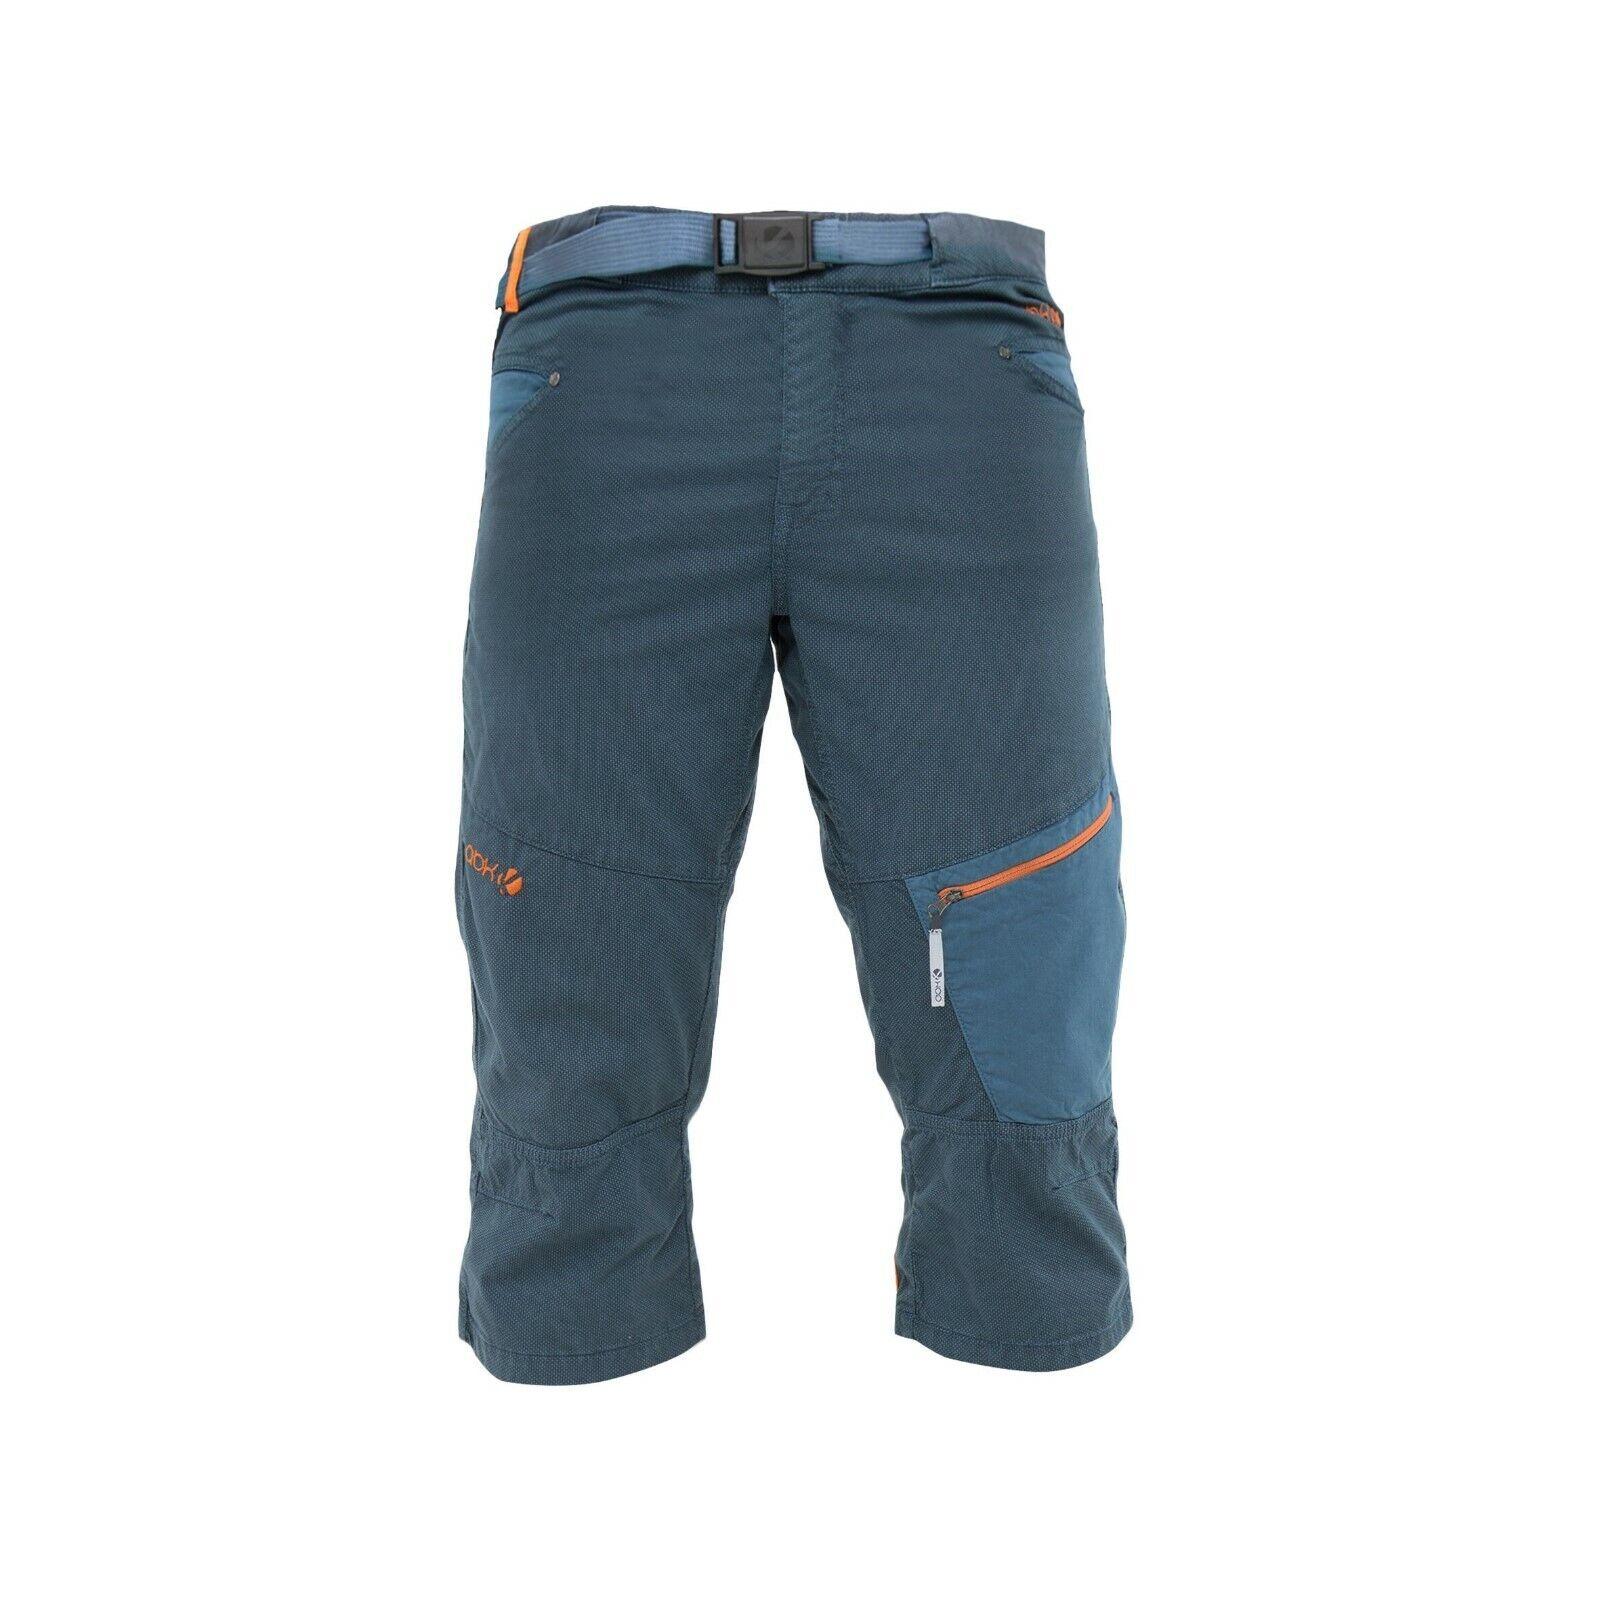 Abk Acantilado Cuartos Pantalones Hombre para Escalar en 3 4 Longitud azul gris